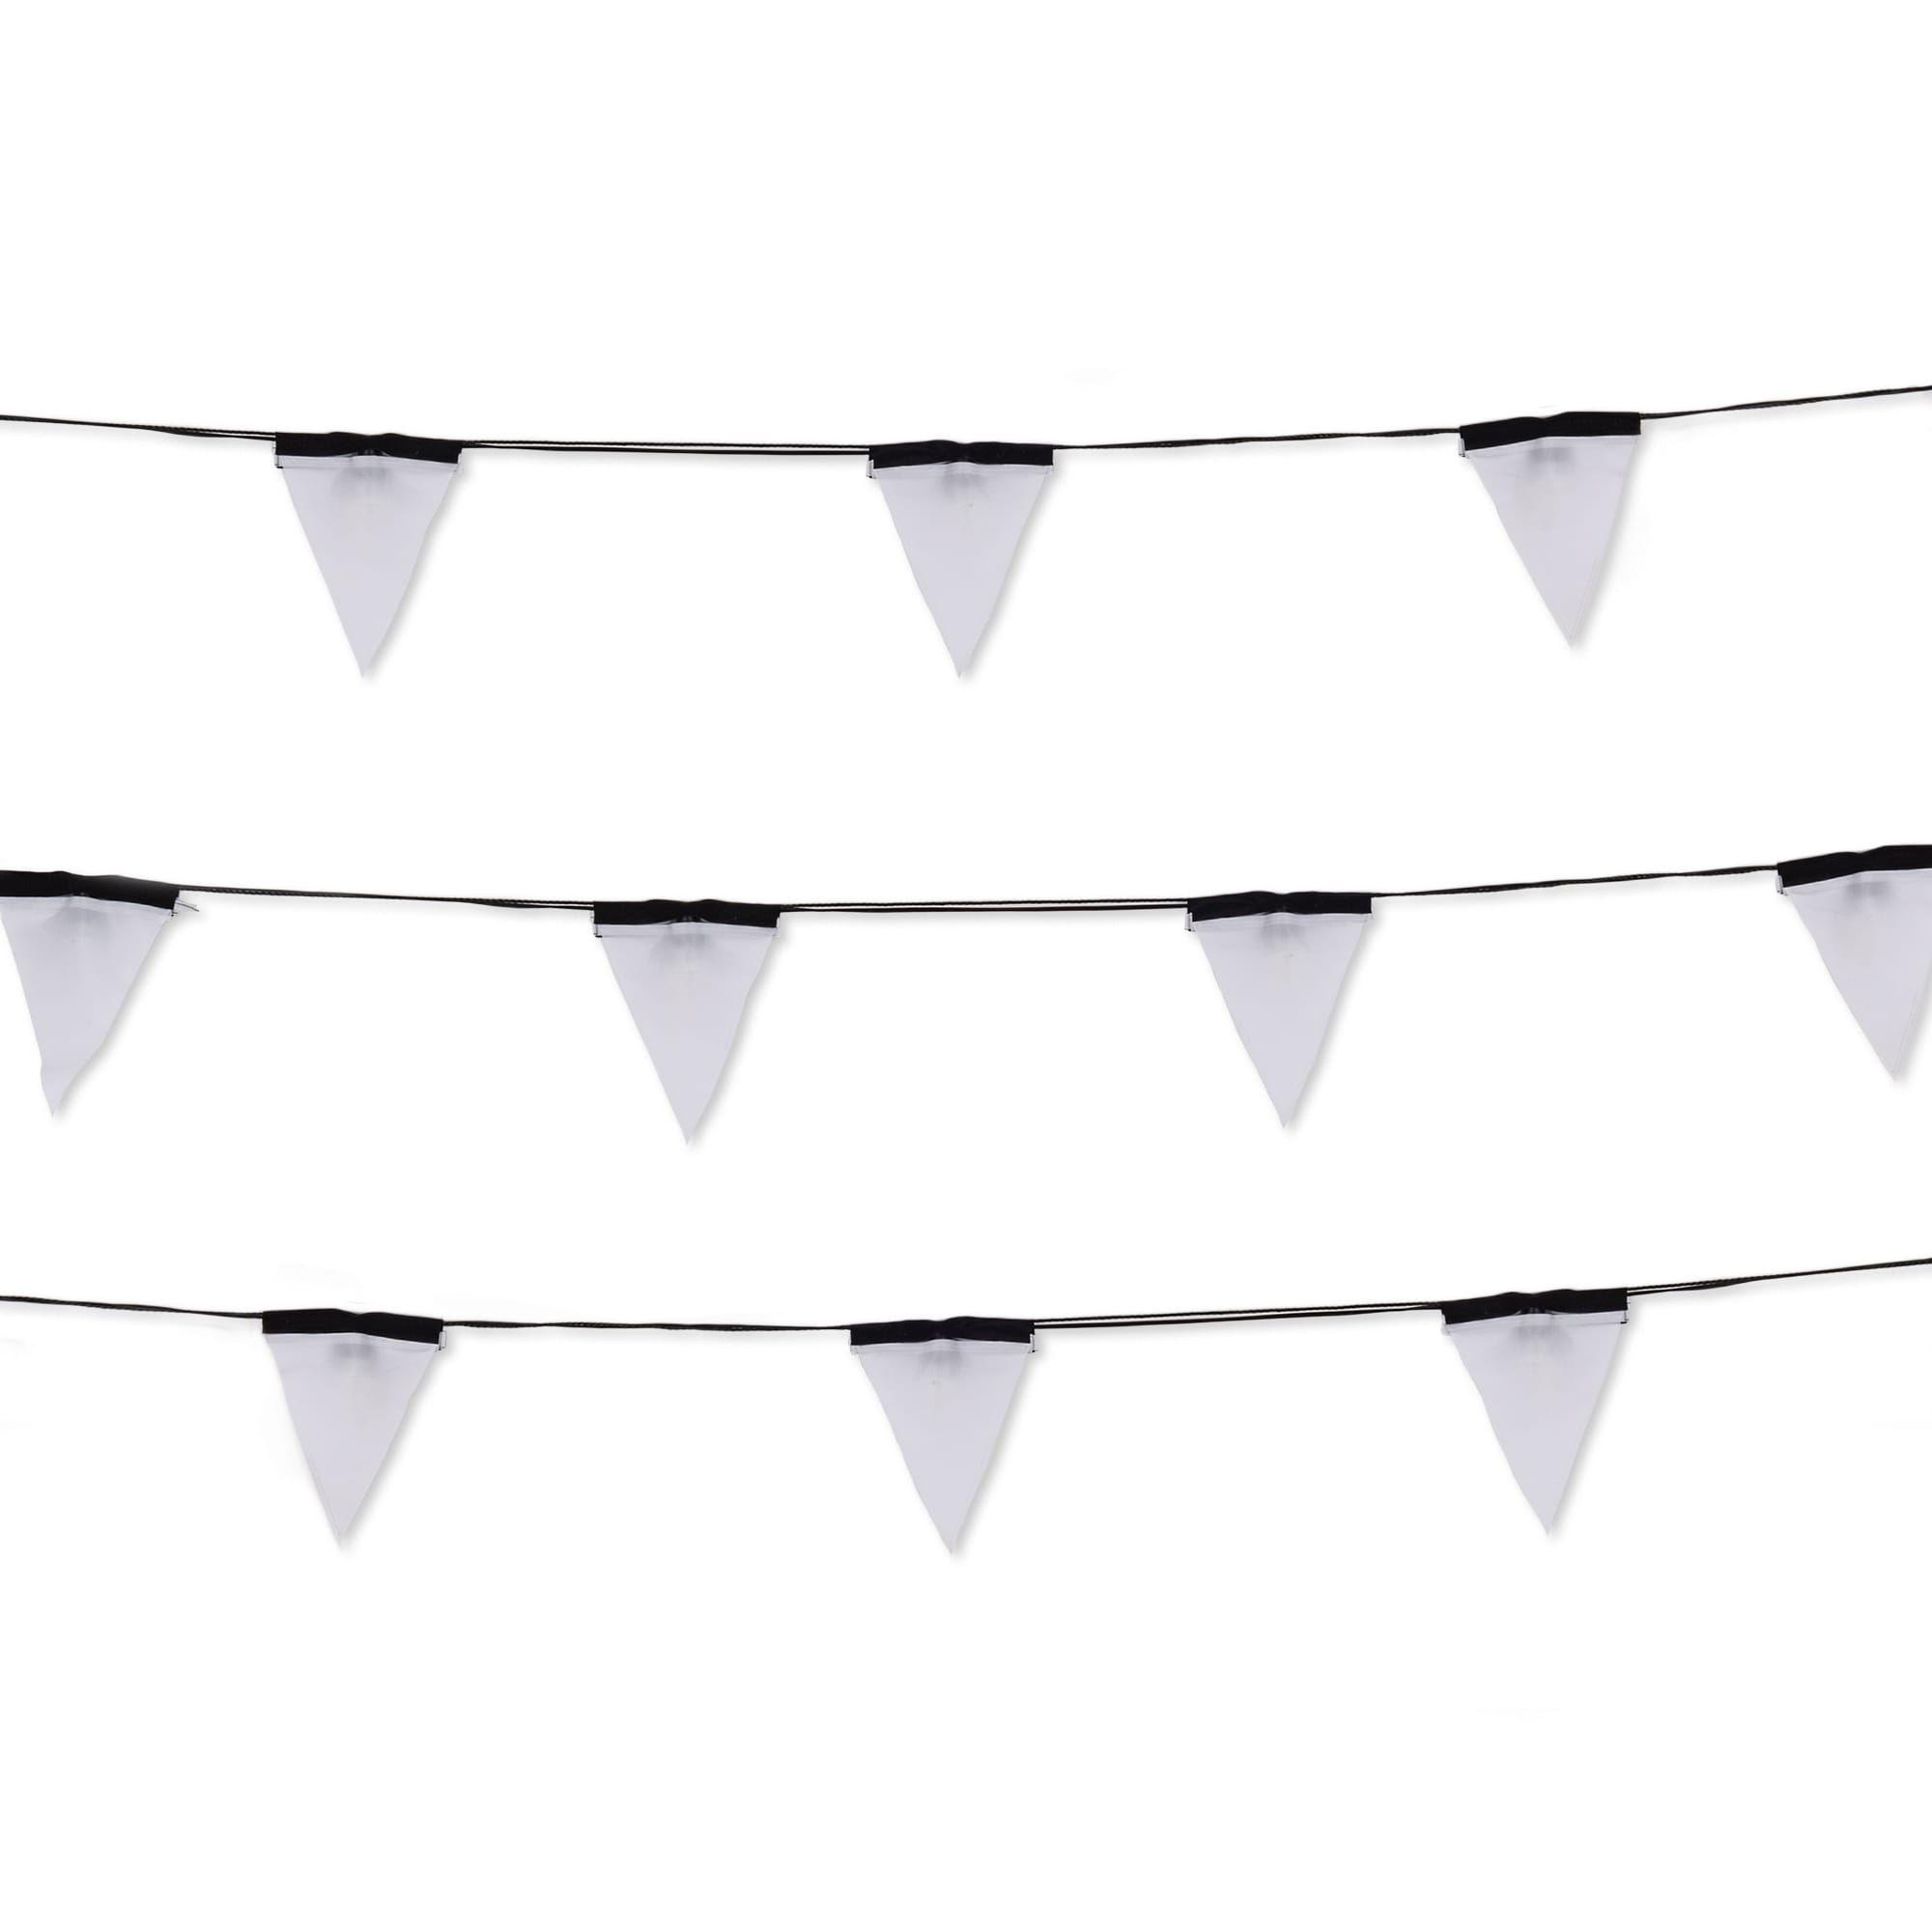 Interni - Per bambini - Ghirlanda luminosa per l'esterno Sagra - LED / 16 bandierine tessuto - Interno & esterno di Seletti - Ghirlanda / Nero & Bianco - policarbonato, PVC, Tessuto poliestere